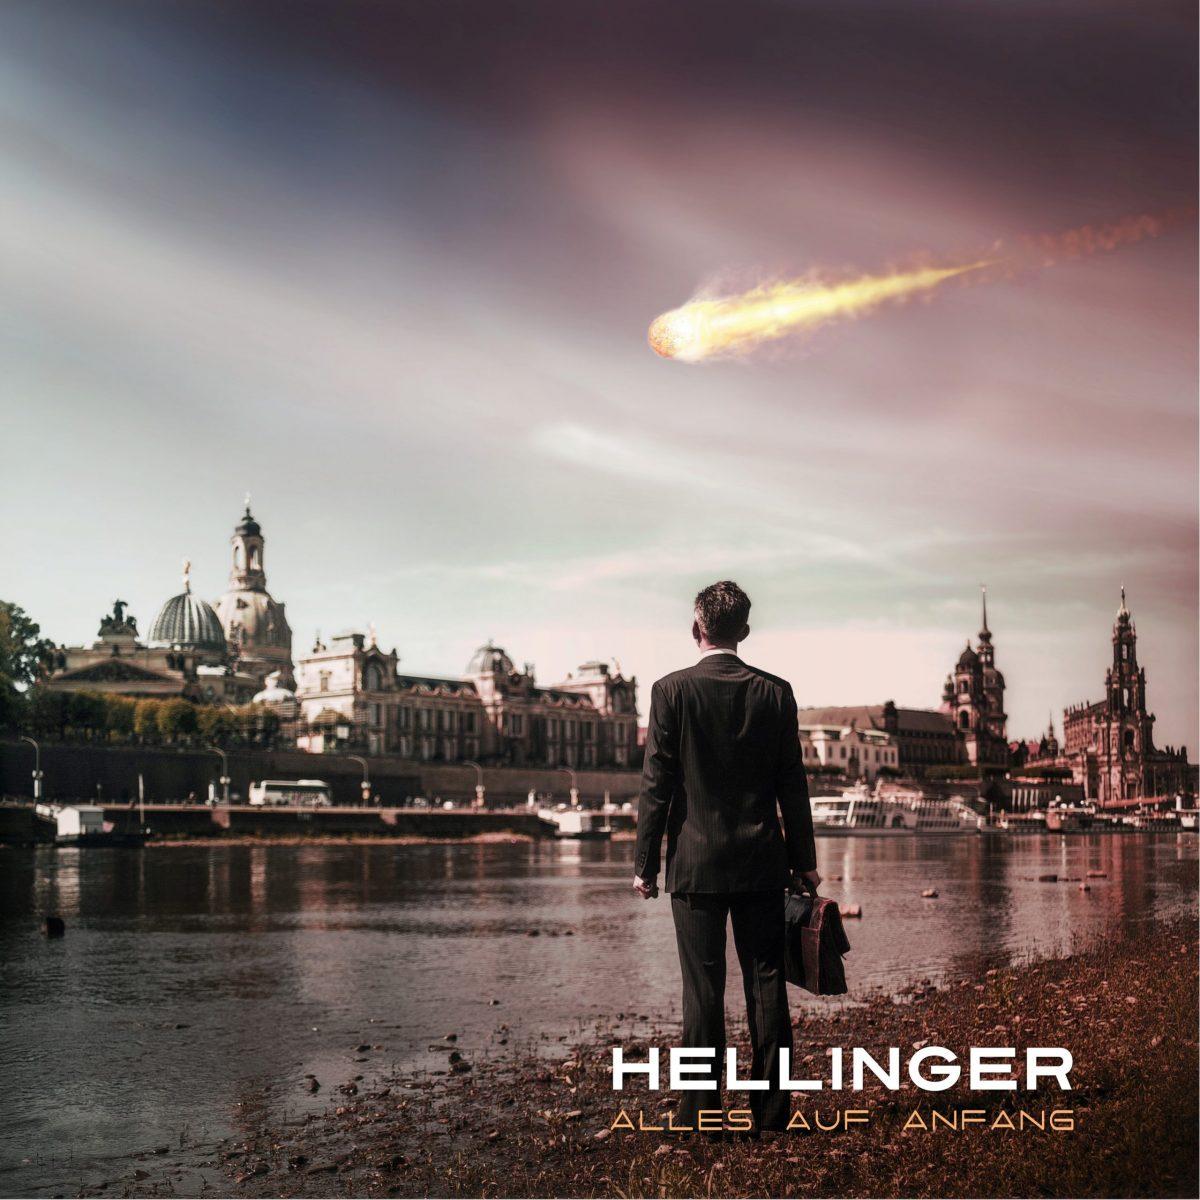 hellinger-alles-auf-anfang-debut-mit-klasse-album-review